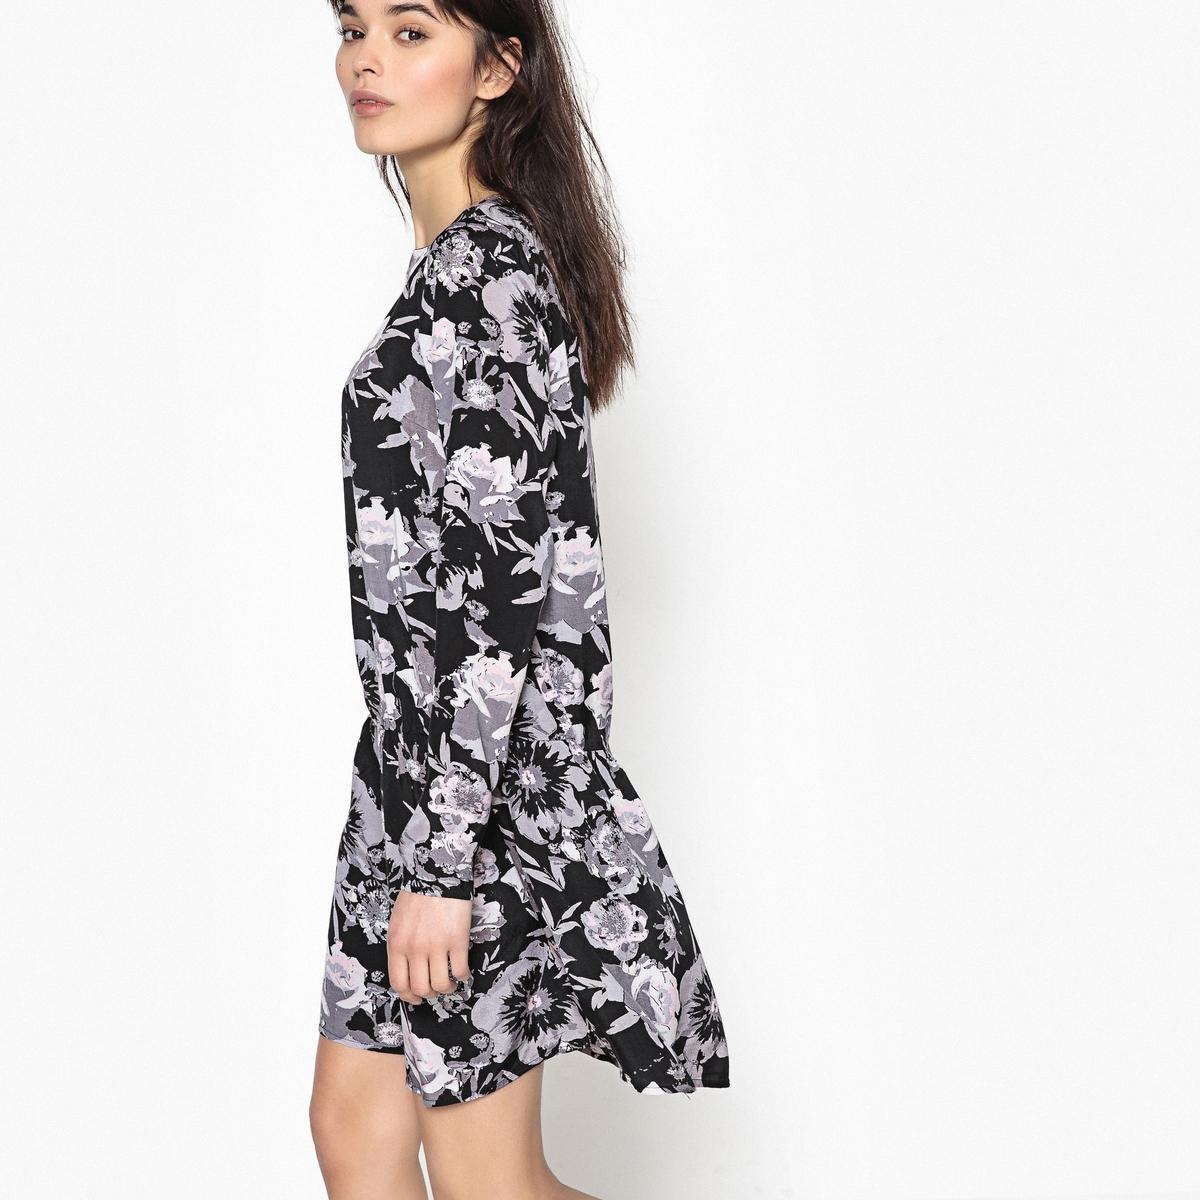 Sukienka rozkloszowana, w kwiatki, średnia długość